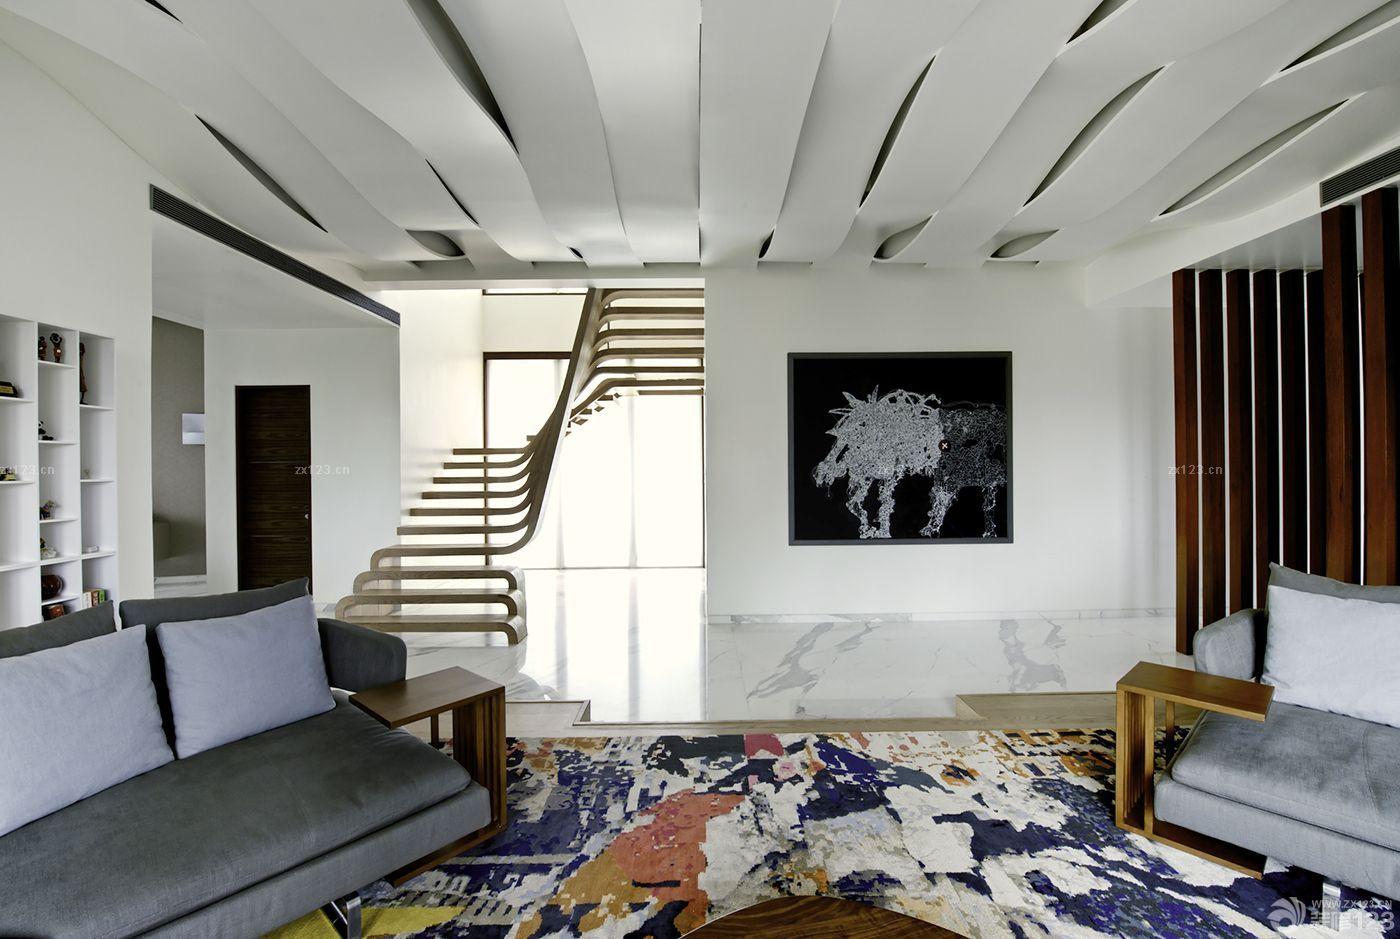 铝板吊顶装修效果图_2020个性140平米复式楼艺术吊顶装修样板_设计456装修效果图